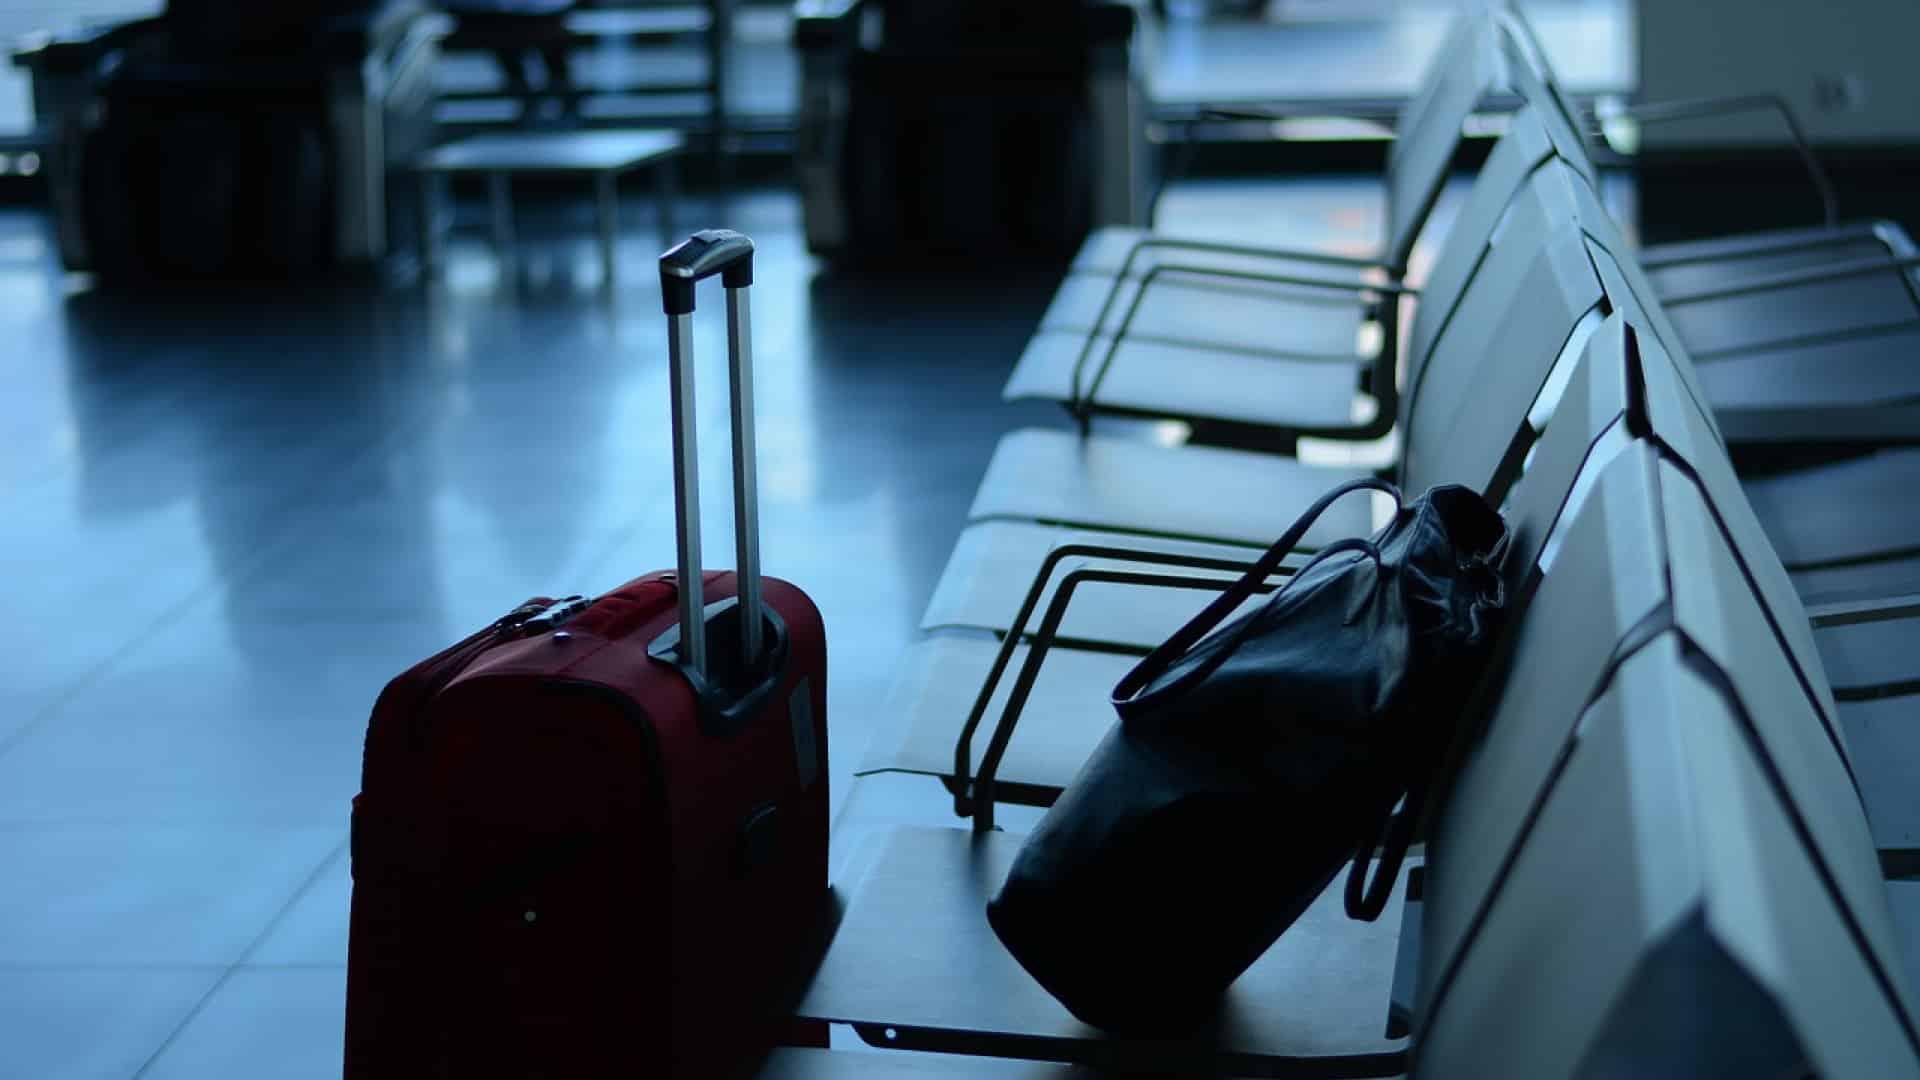 Comment choisir sa destination touristique ?